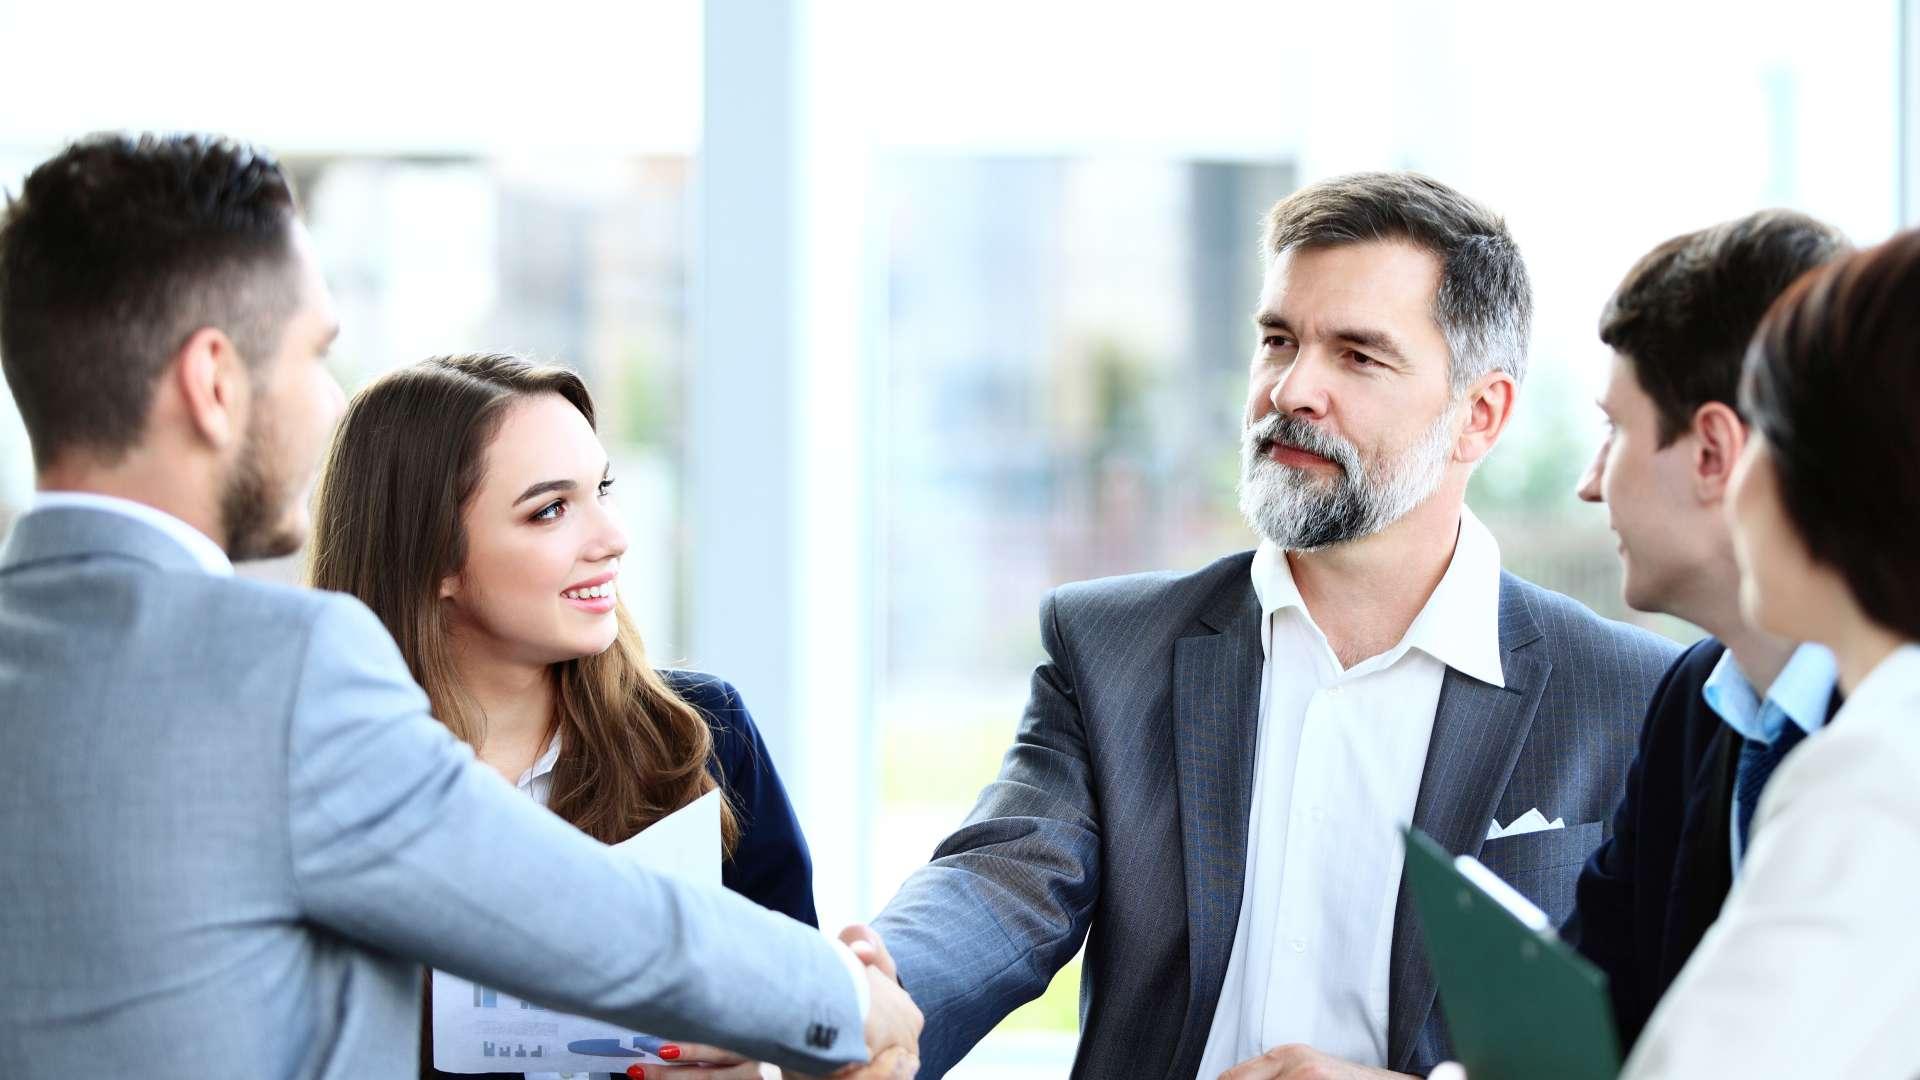 Nowy model relacji z klientem szturmem podbija biznes. Jak nie przegrać walki o klienta? Ups Mediarun klient 65774279